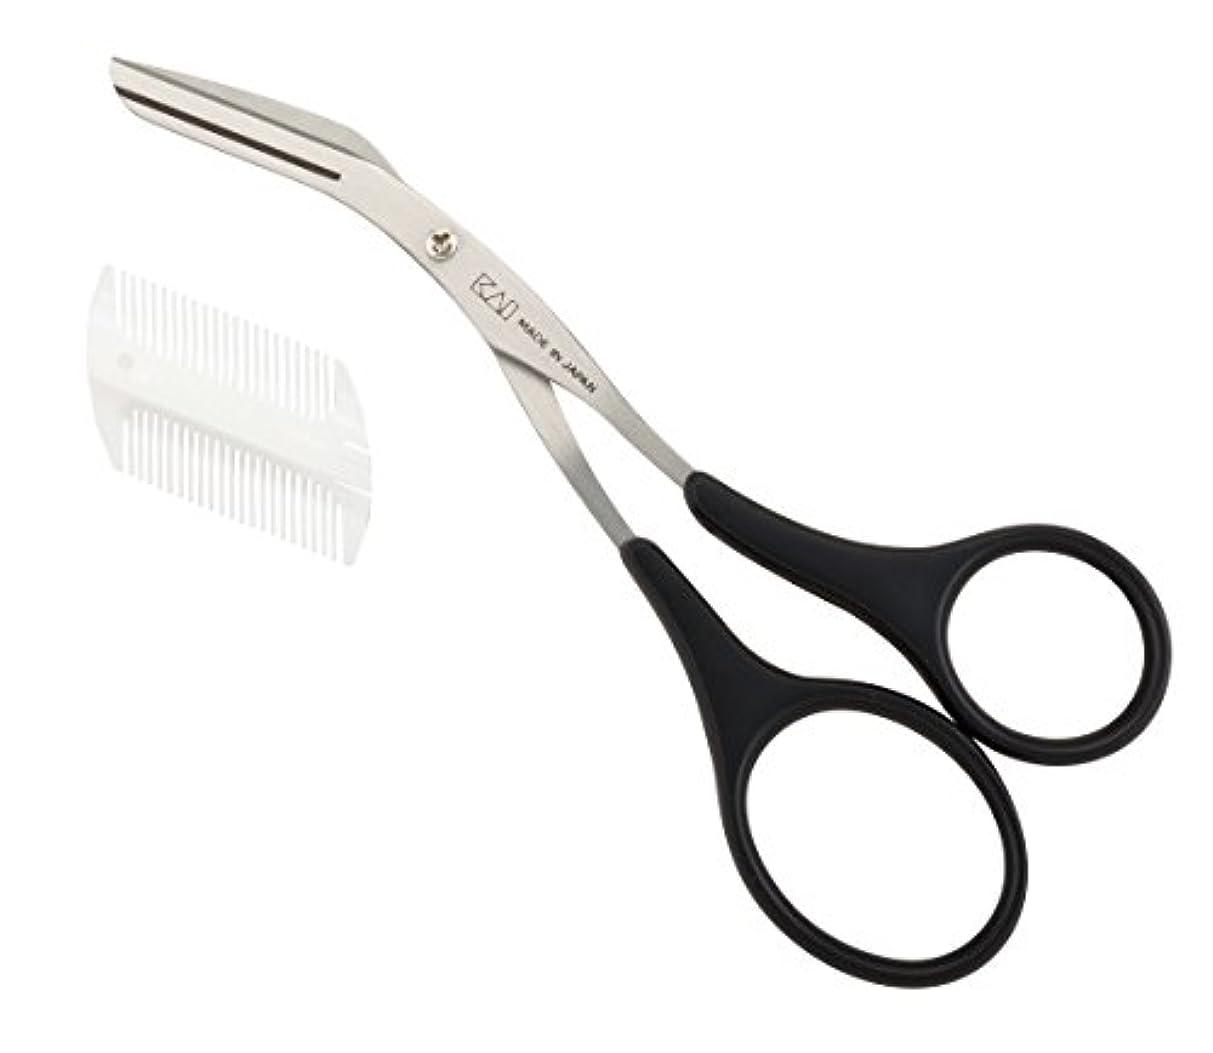 剃る対象ペース貝印 グルームR(Groom!R) クシ付マユハサミ 2WAYHC-1723